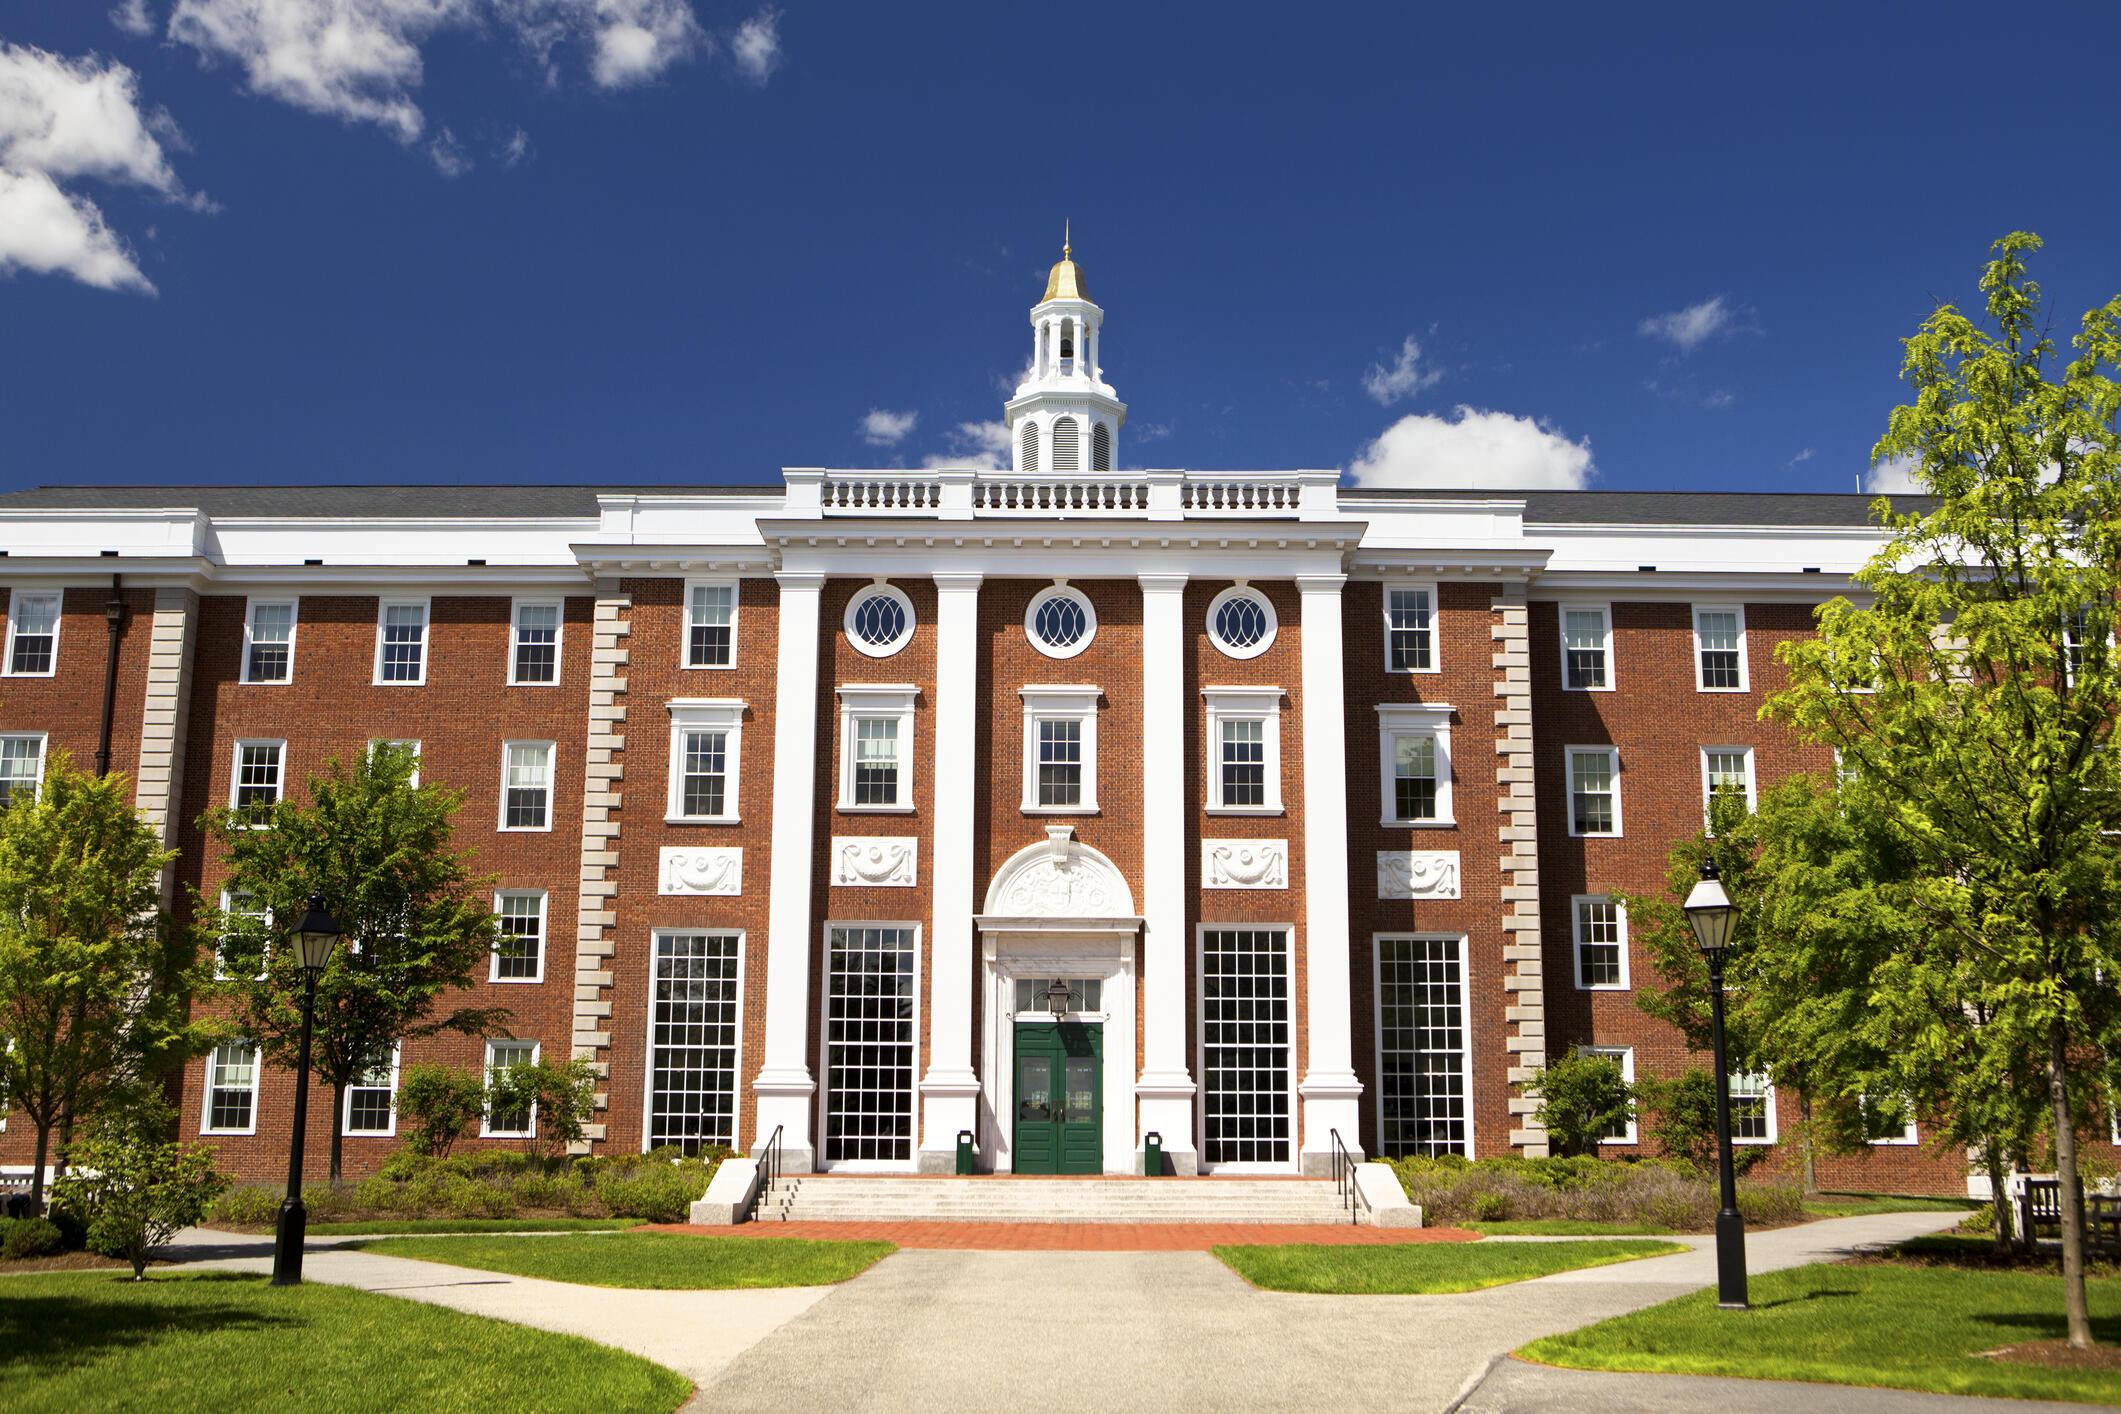 La Universidad de Harvard en los Estados Unidos comenzó a enseñar en línea debido al coronavirus.